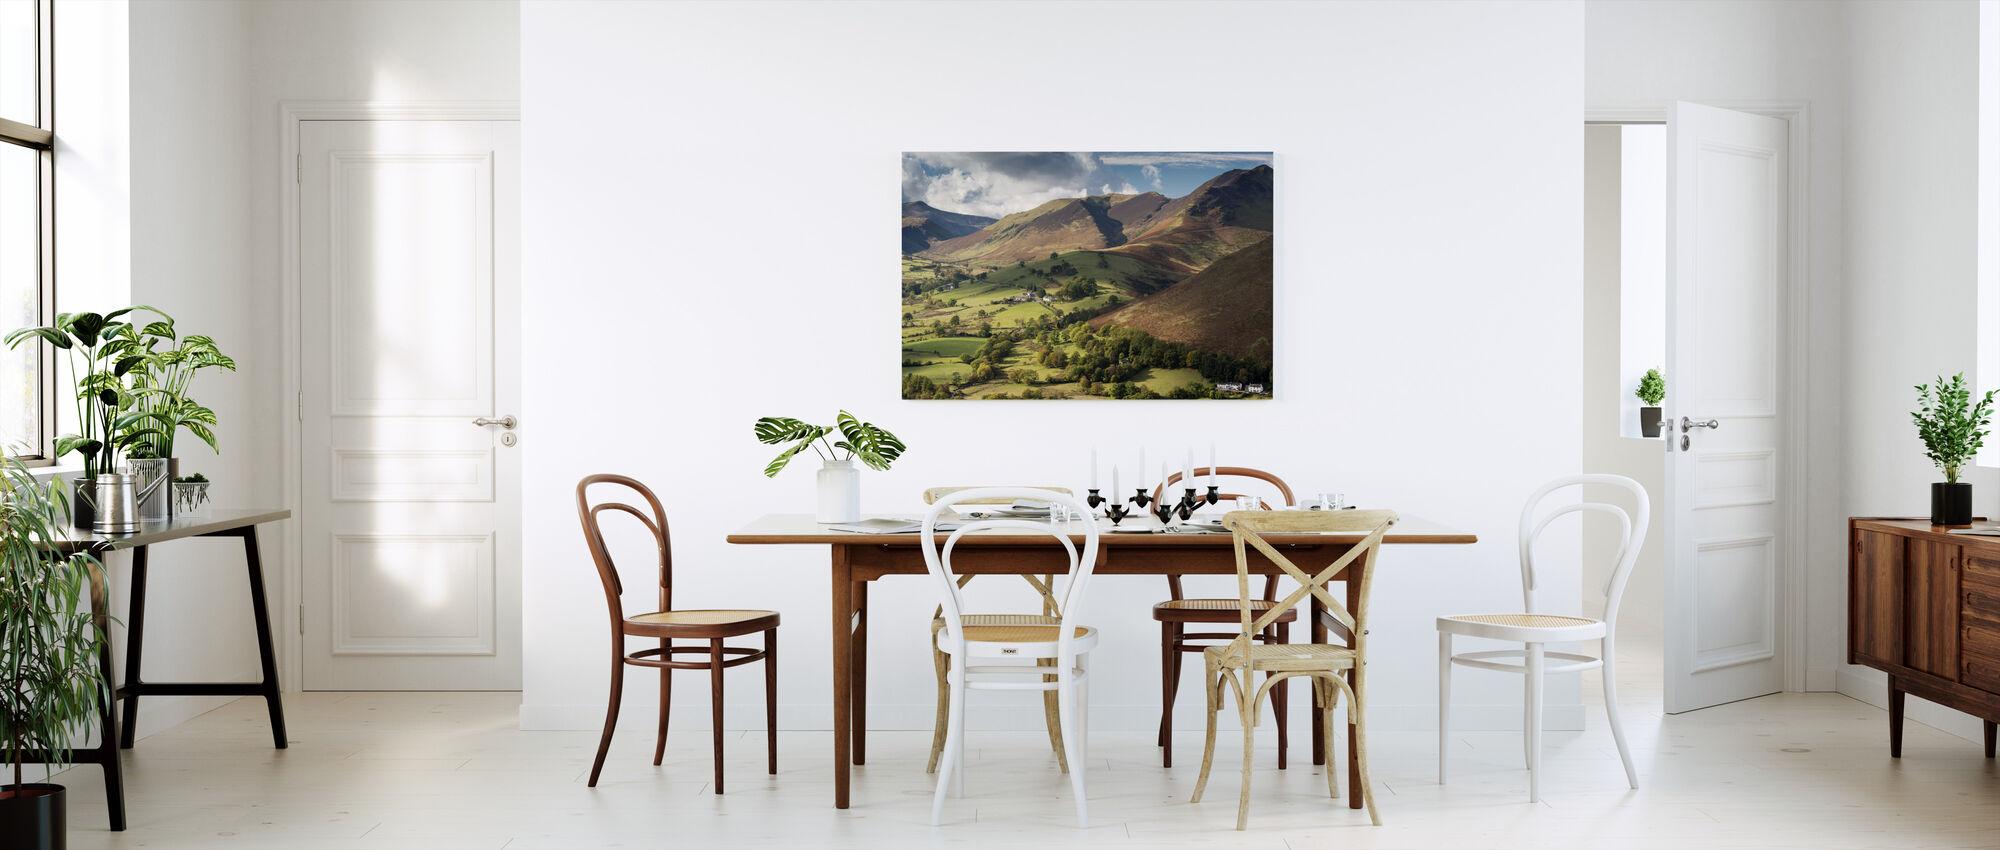 Newlandsin laakso - Canvastaulu - Keittiö